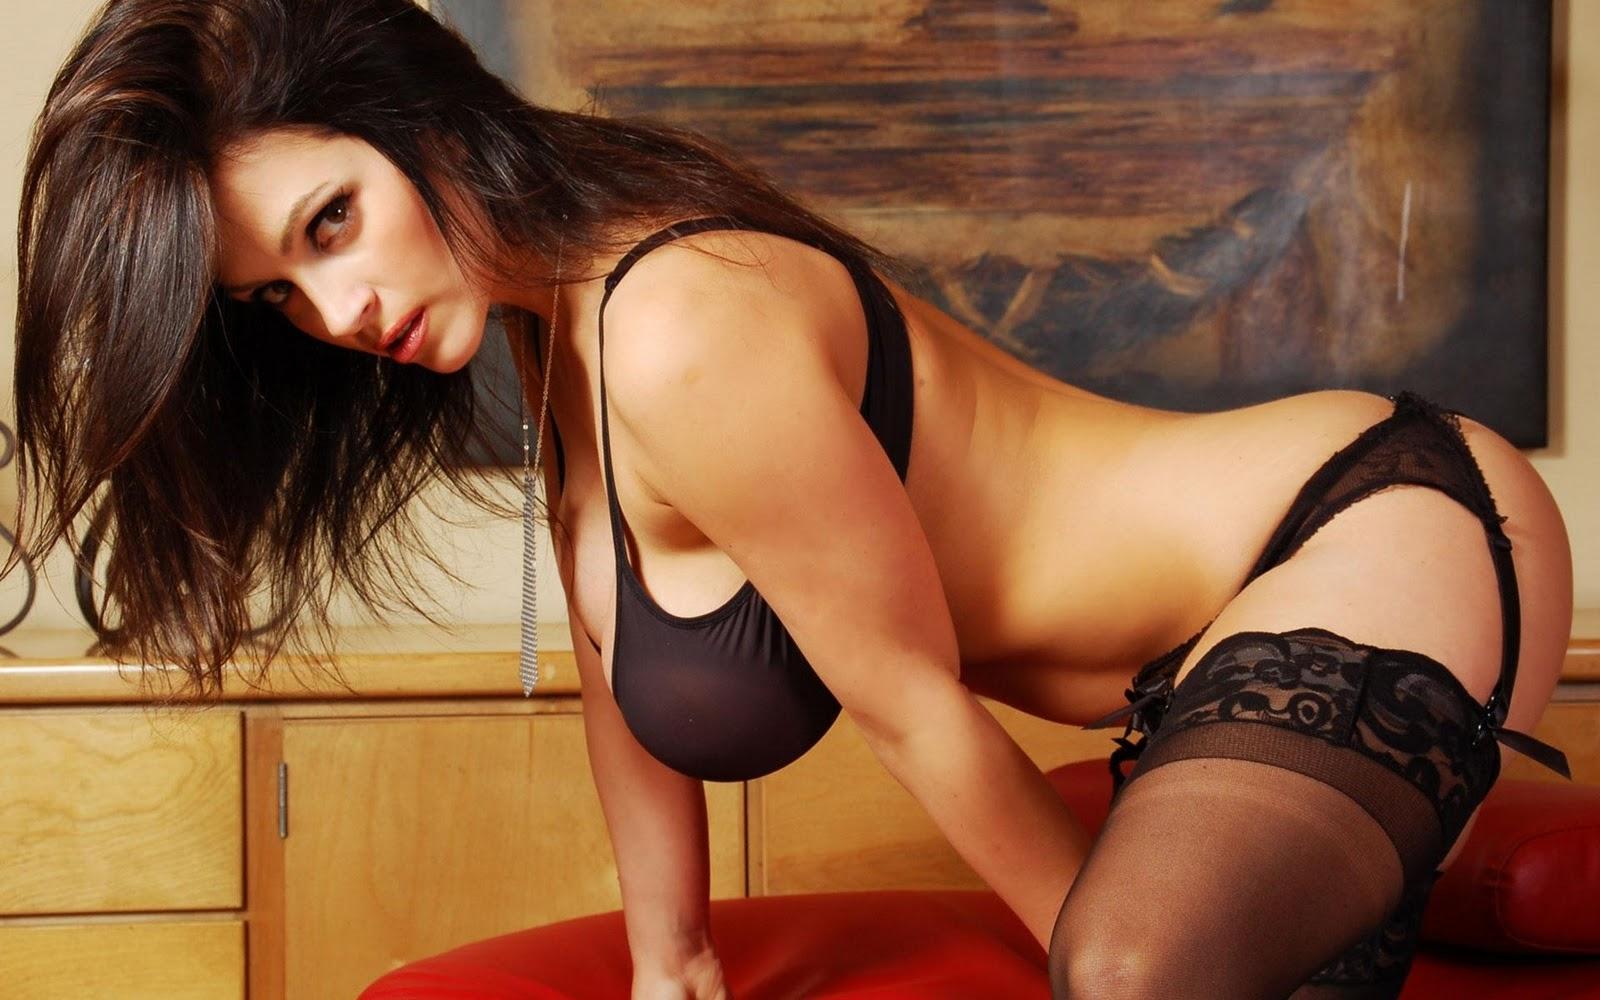 Beautiful And Sexy Asian Women Arabic Hot Girls-3671